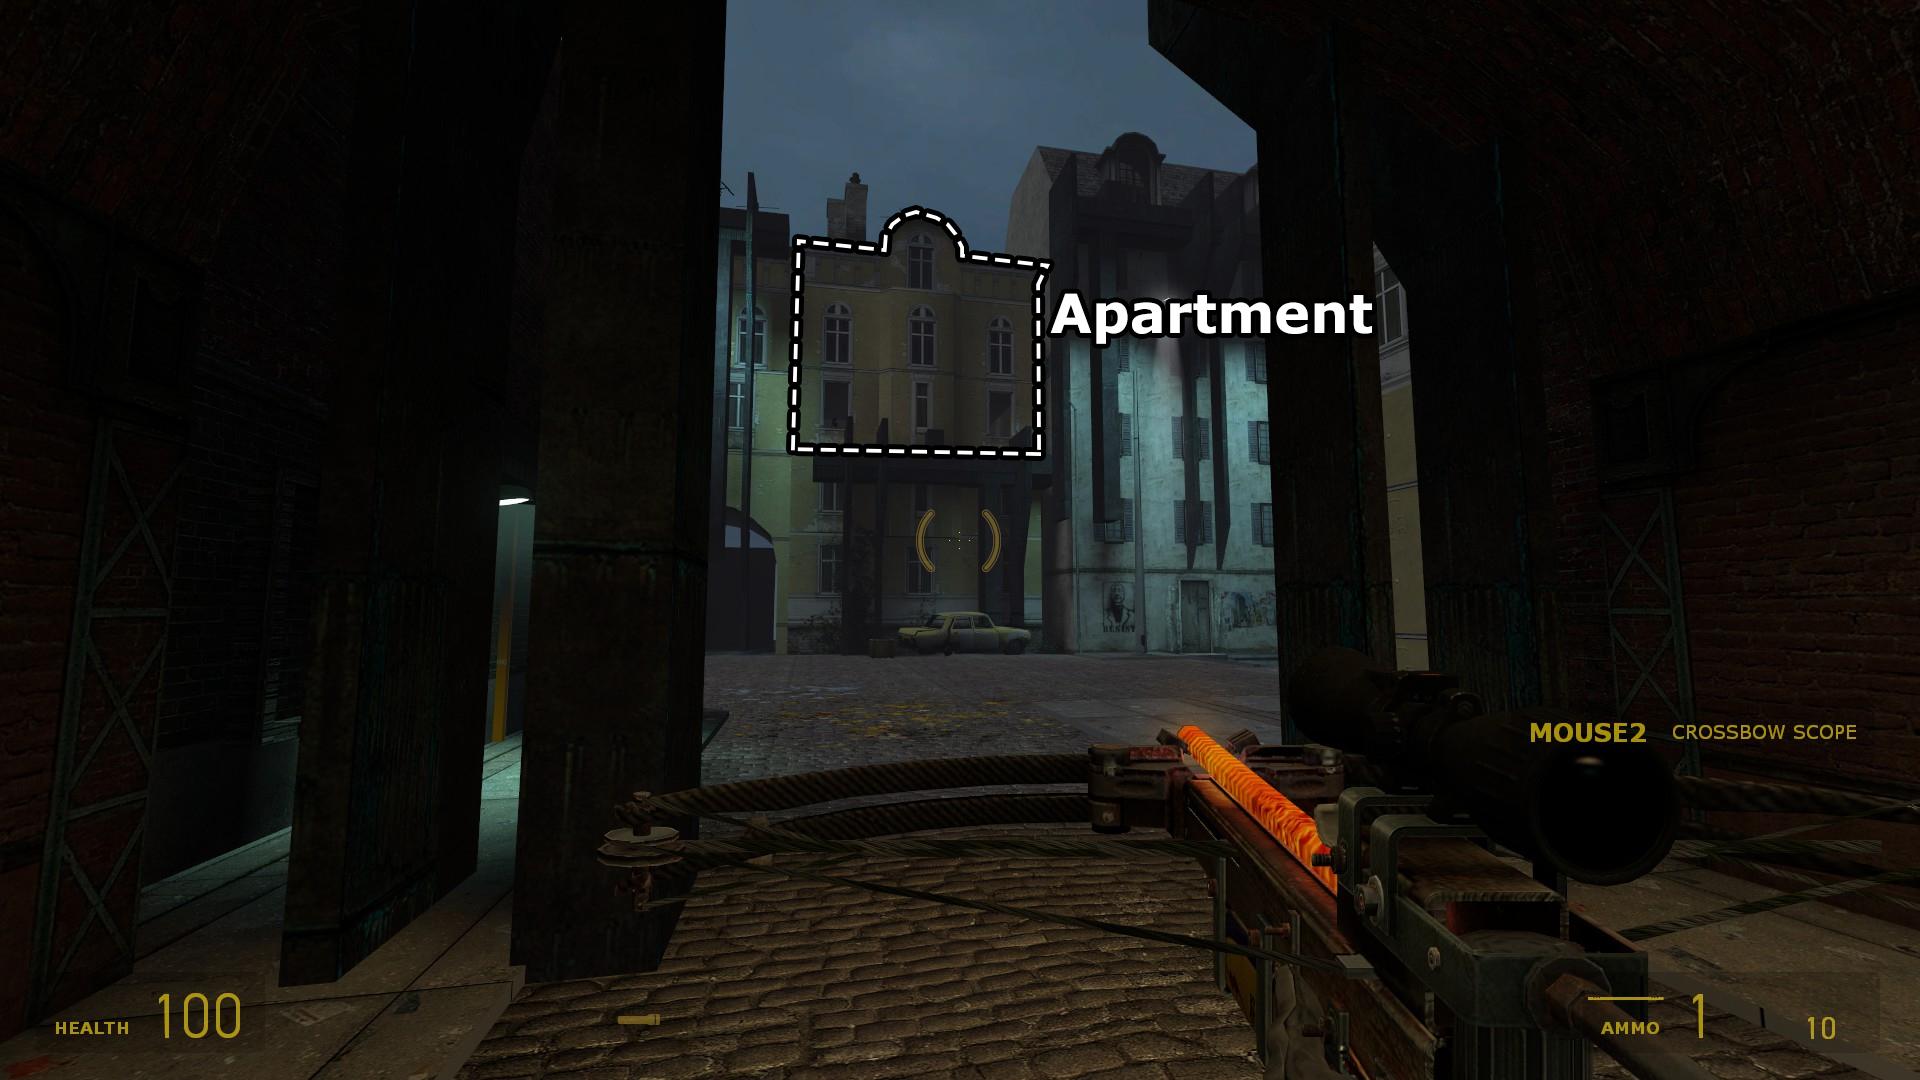 apartmentingame